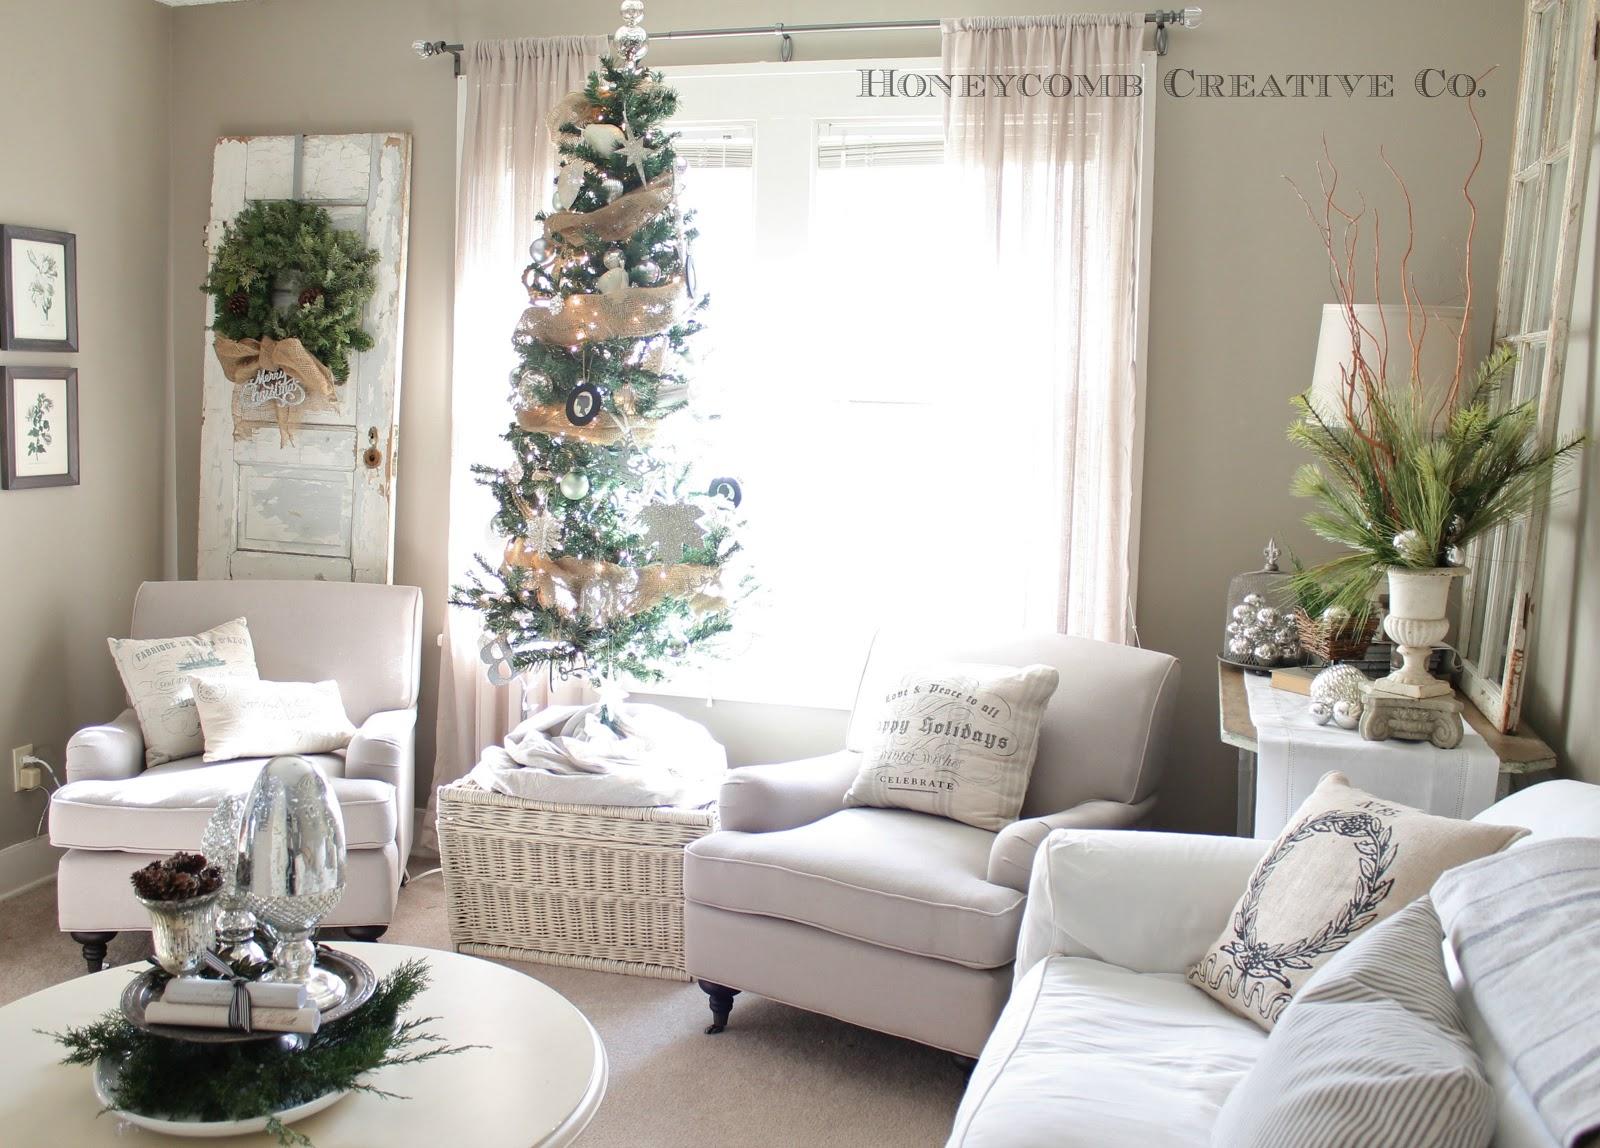 Xmas Living Room Decor Image 3 Christmas Home Tour Red White Decorating Ideas